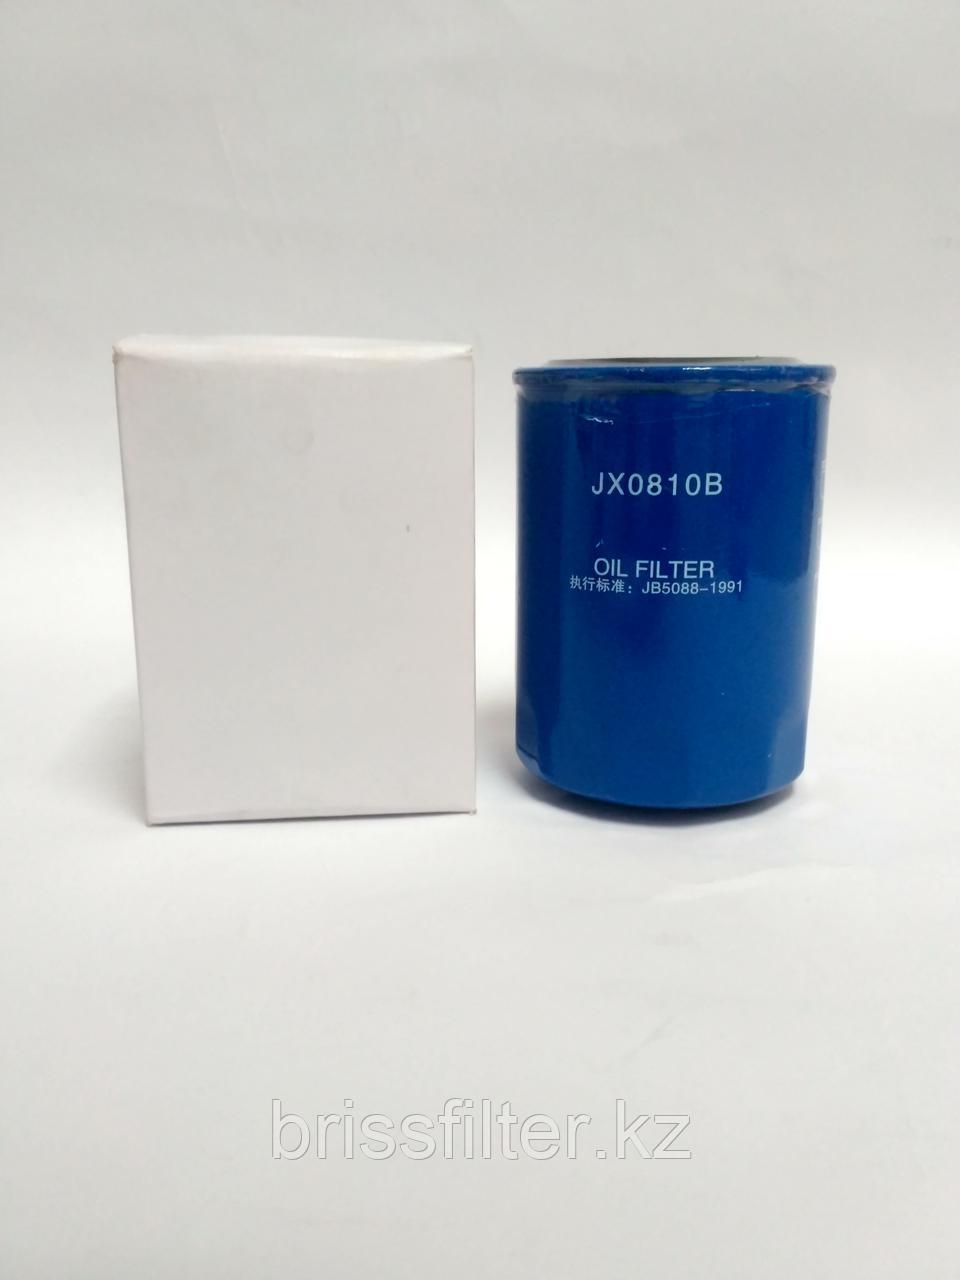 JX 0810B